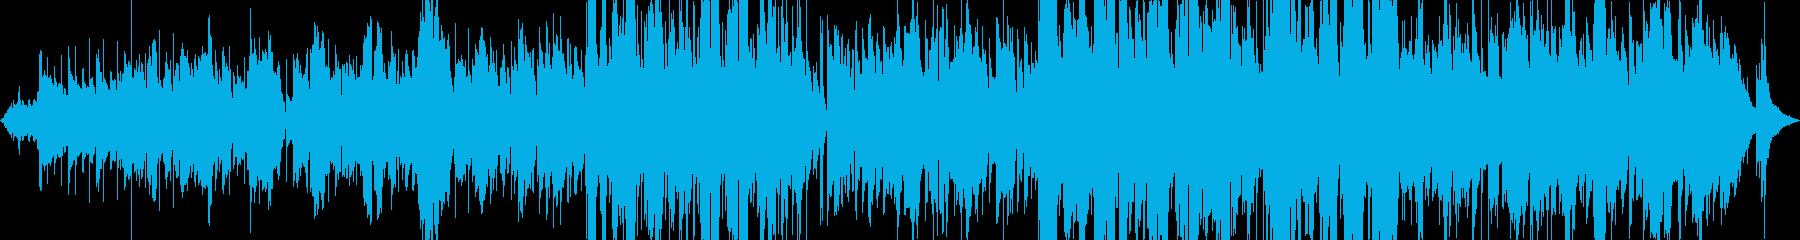 シンセが美しいゆったりした暗い歌詞の曲の再生済みの波形